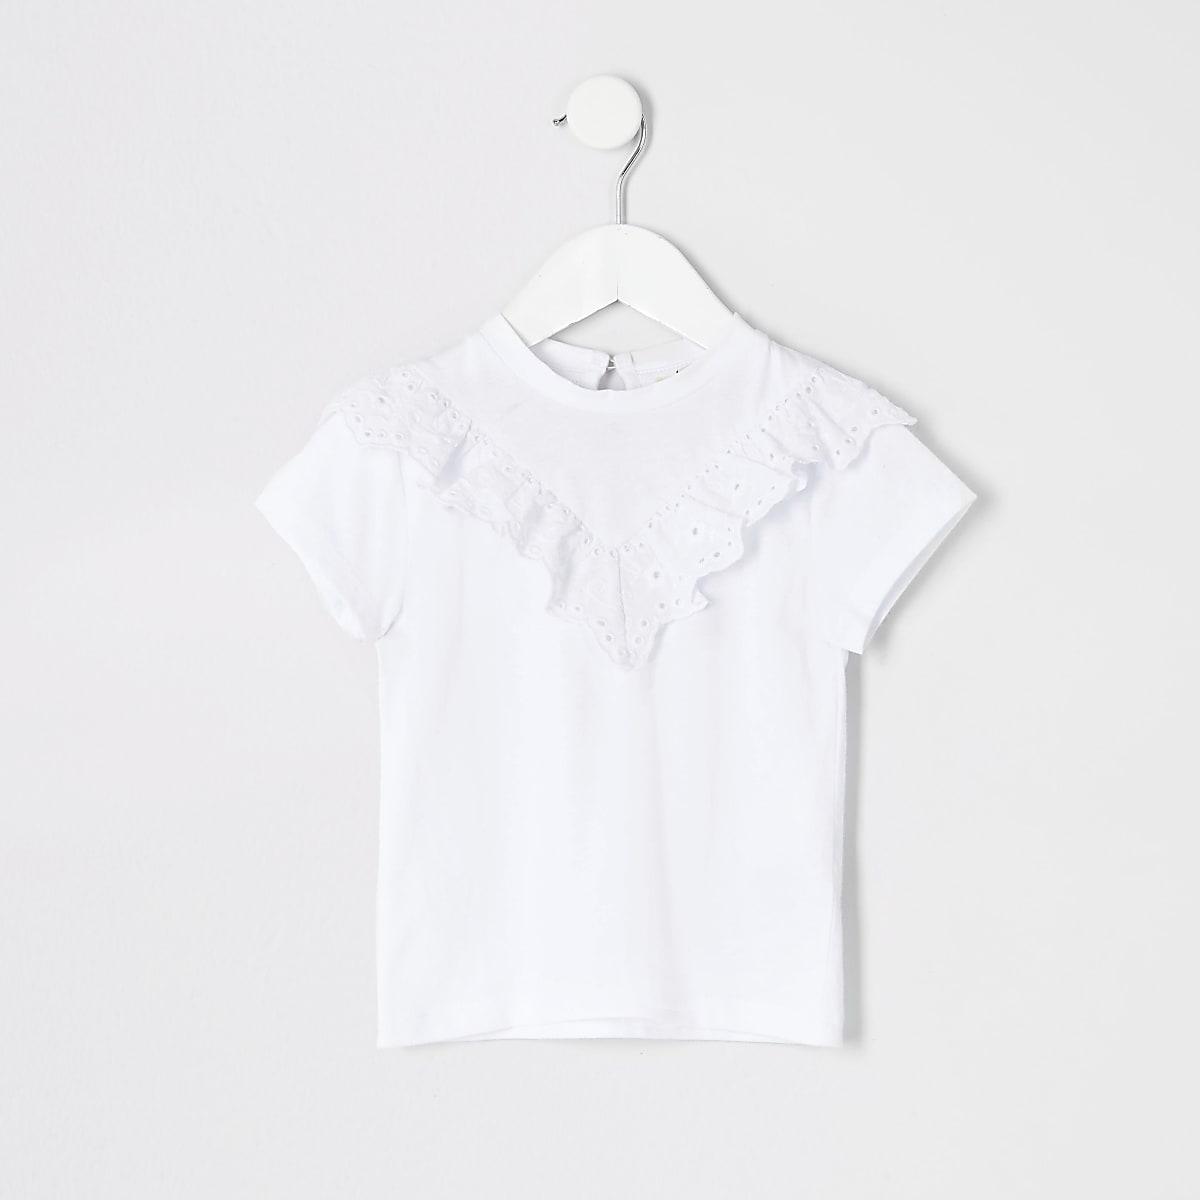 Mini - Wit T-shirt met broderie voor meisjes